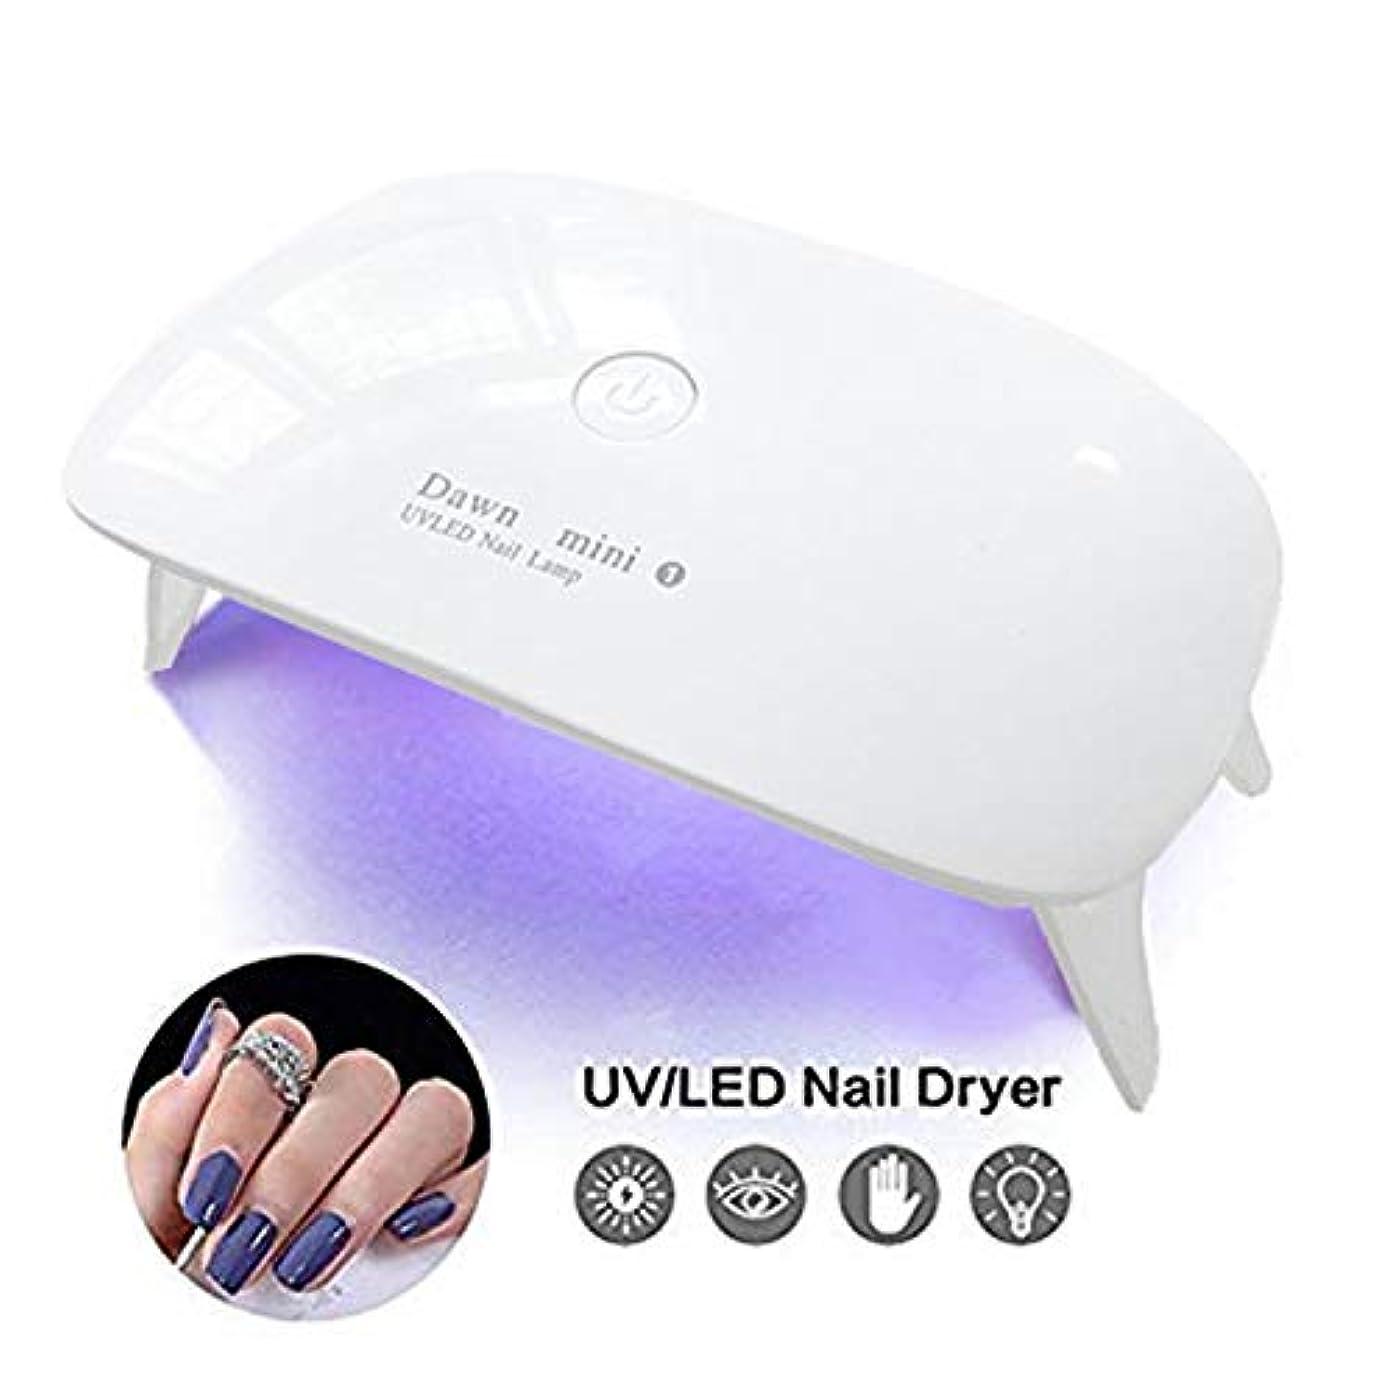 セットアップ思慮深いバンガローUVライト LEDネイルドライヤー ジェルネイルLEDライト 硬化ライト タイマー設定可能 折りたたみ式手足とも使える UV と LEDダブルライト ジェルネイル用 ホワイト 日本語説明書付き